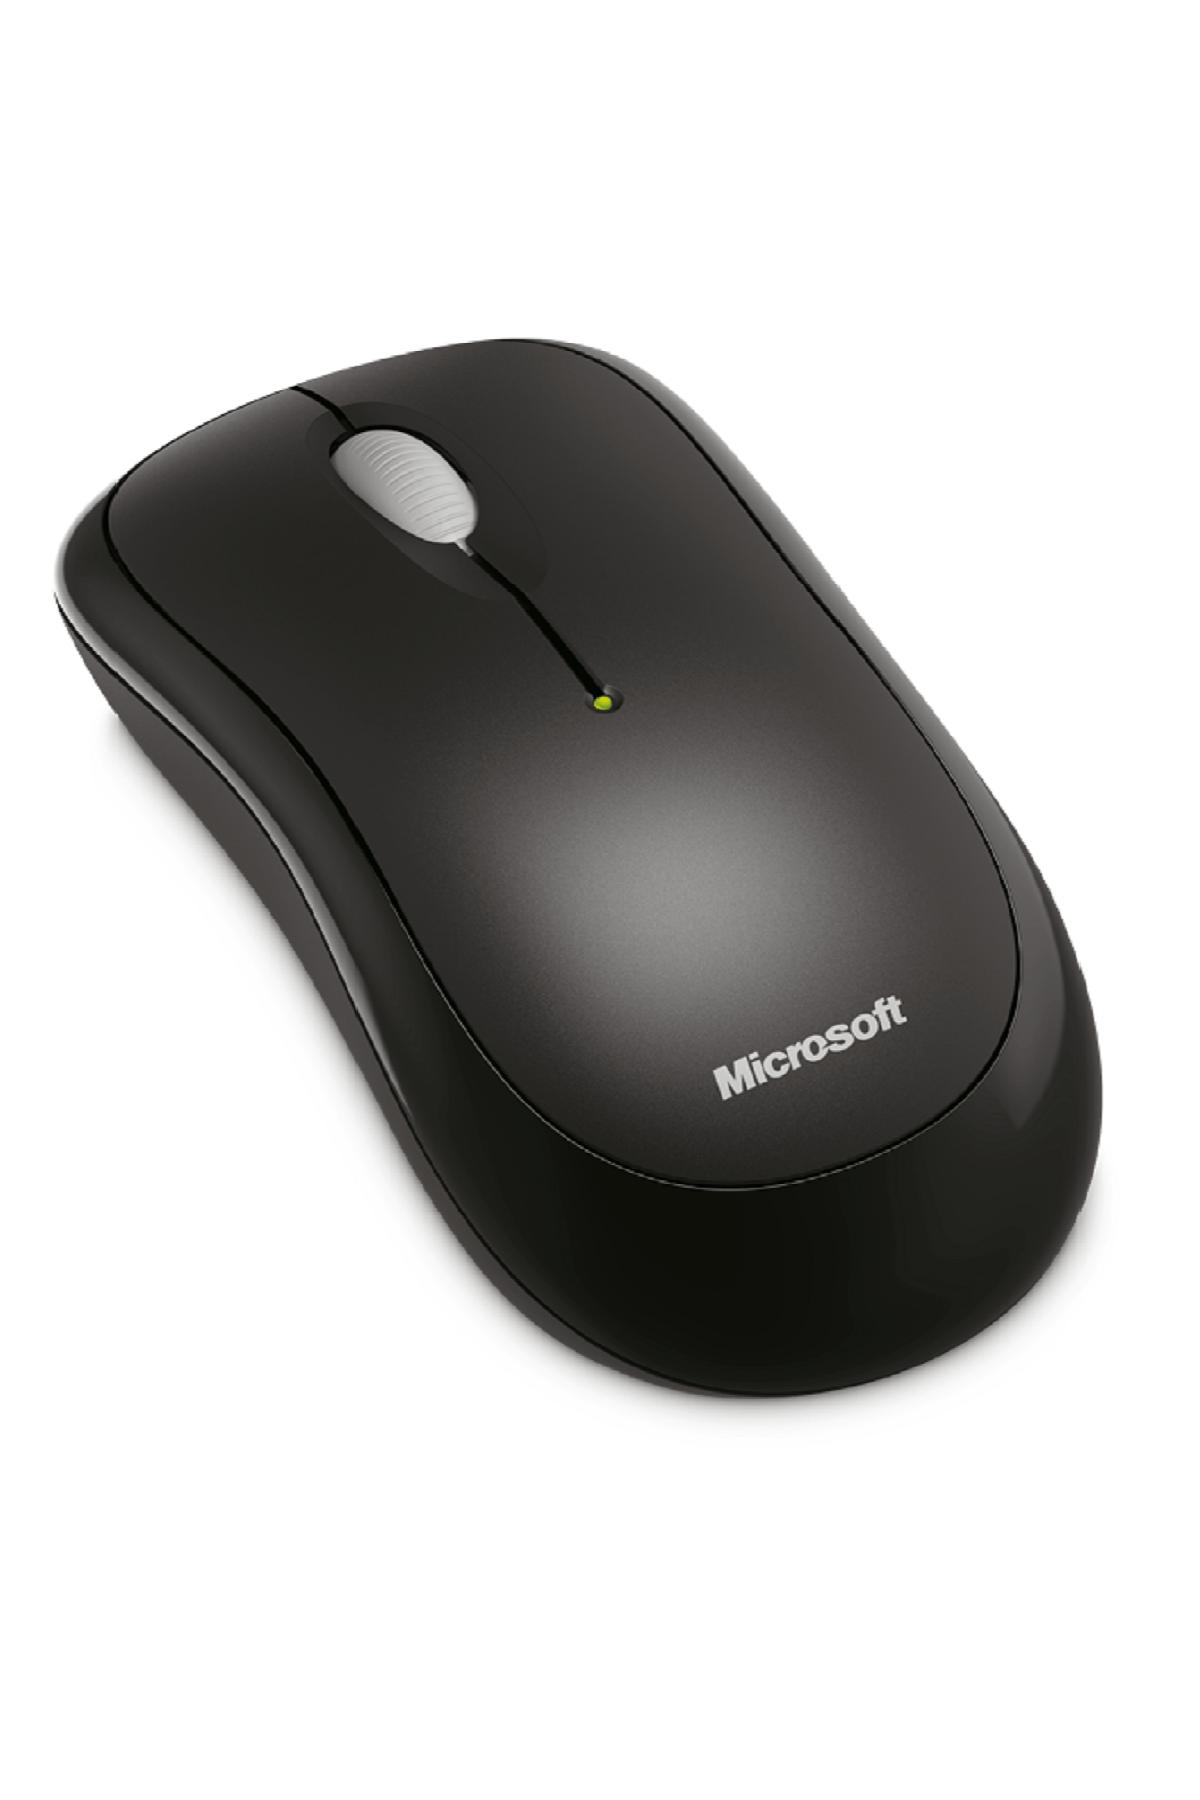 Microsoft Wireless Desktop 850 Klavye Mouse Set PY9-00011